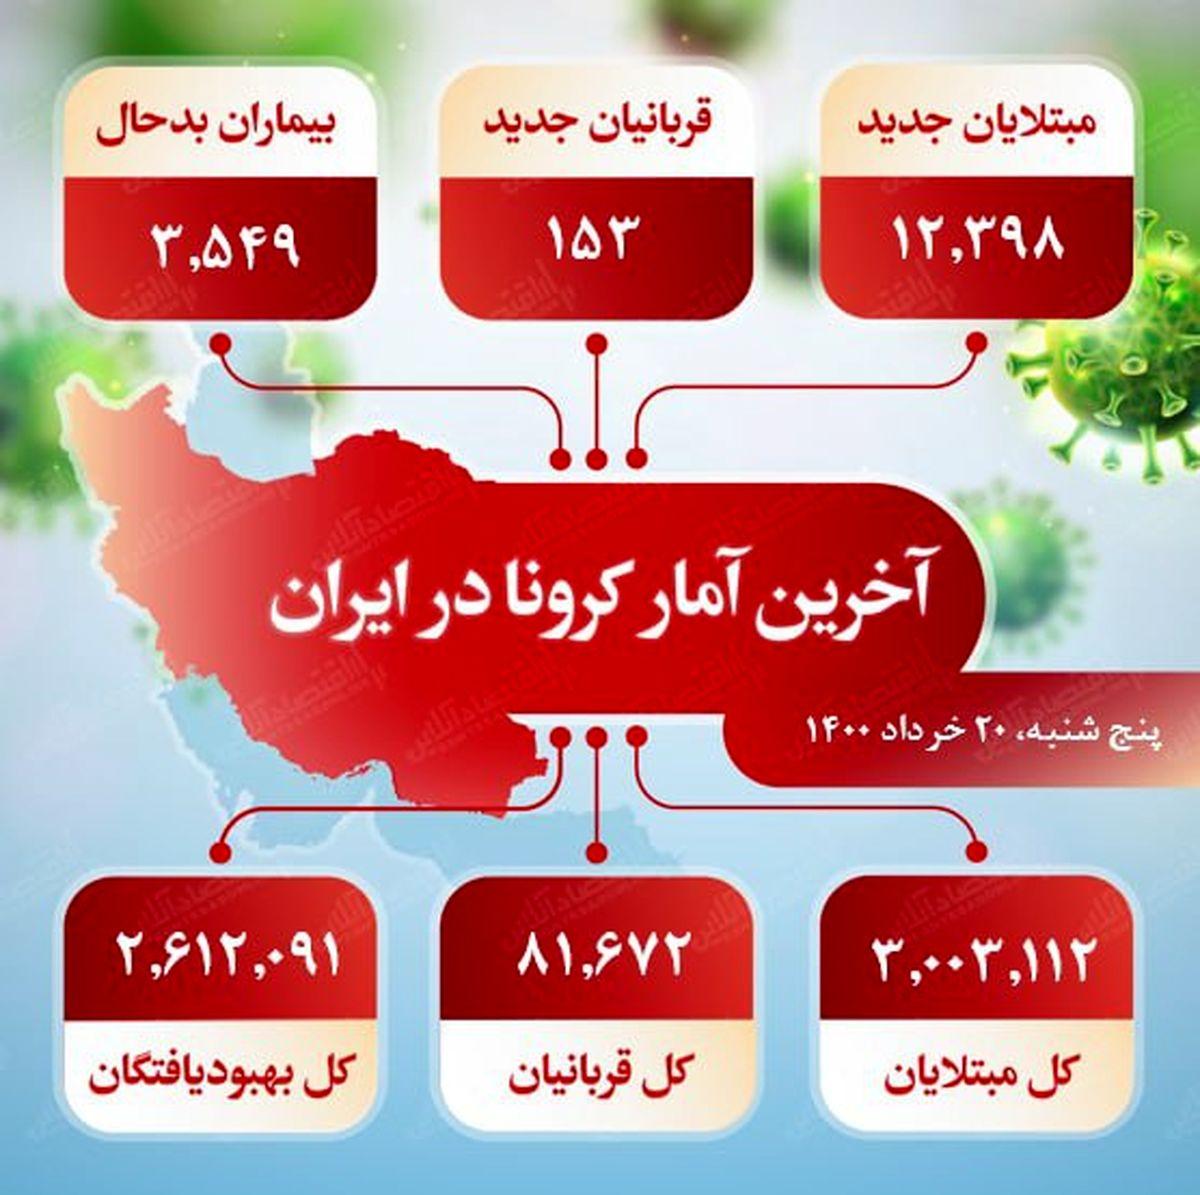 آخرین آمار کرونا در ایران (۱۴۰۰/۳/۲۰)